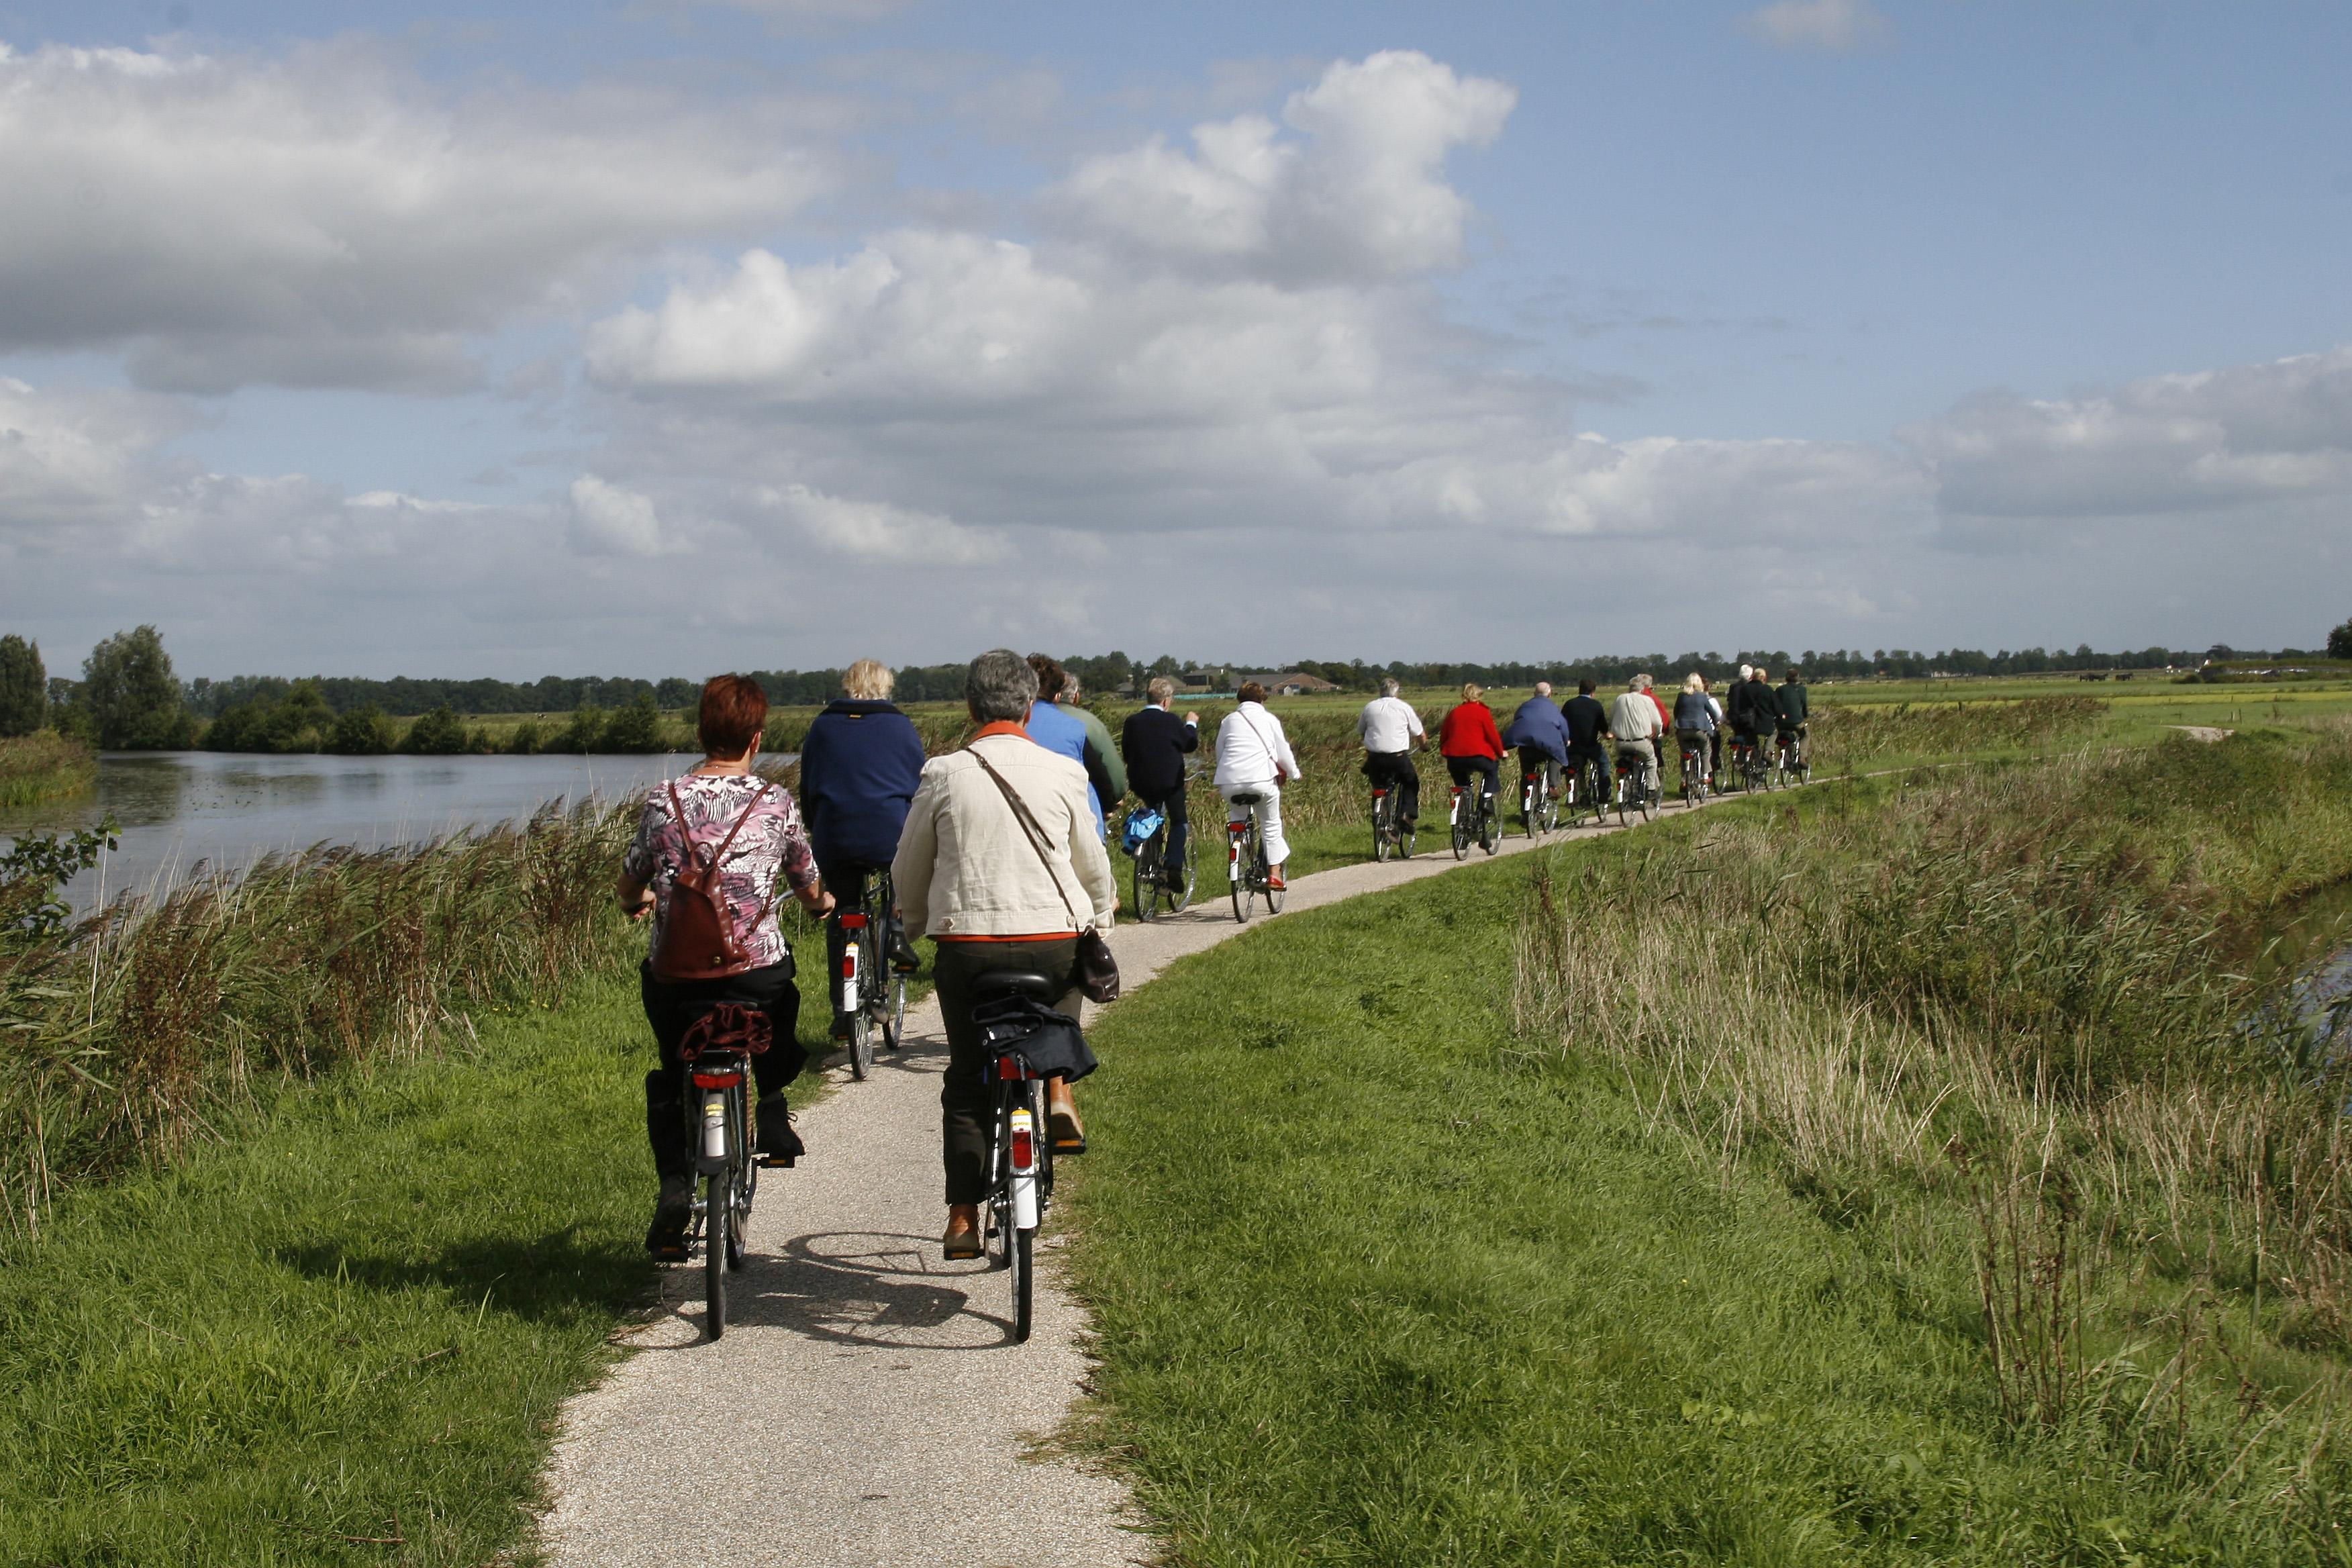 Beleef verhalen uit De Alde Feanen tijdens verhalen-fietstocht